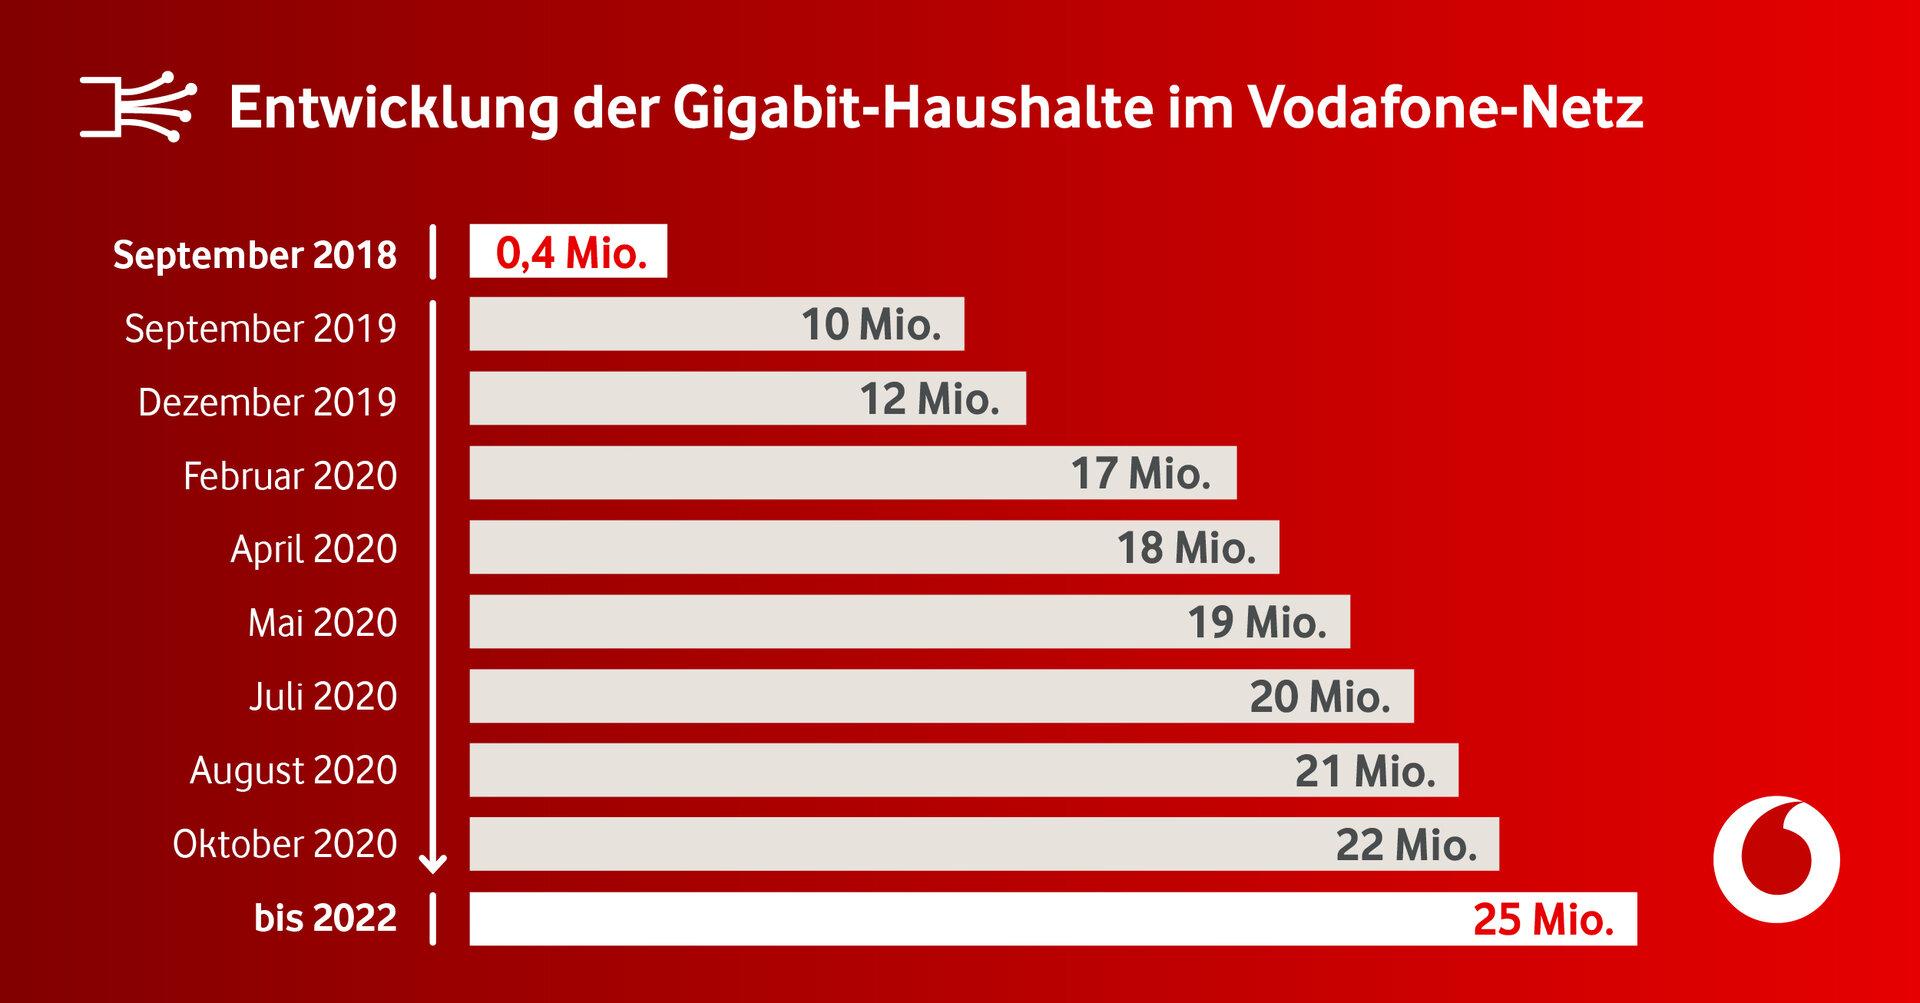 Entwicklung der Gigabit-Haushalte